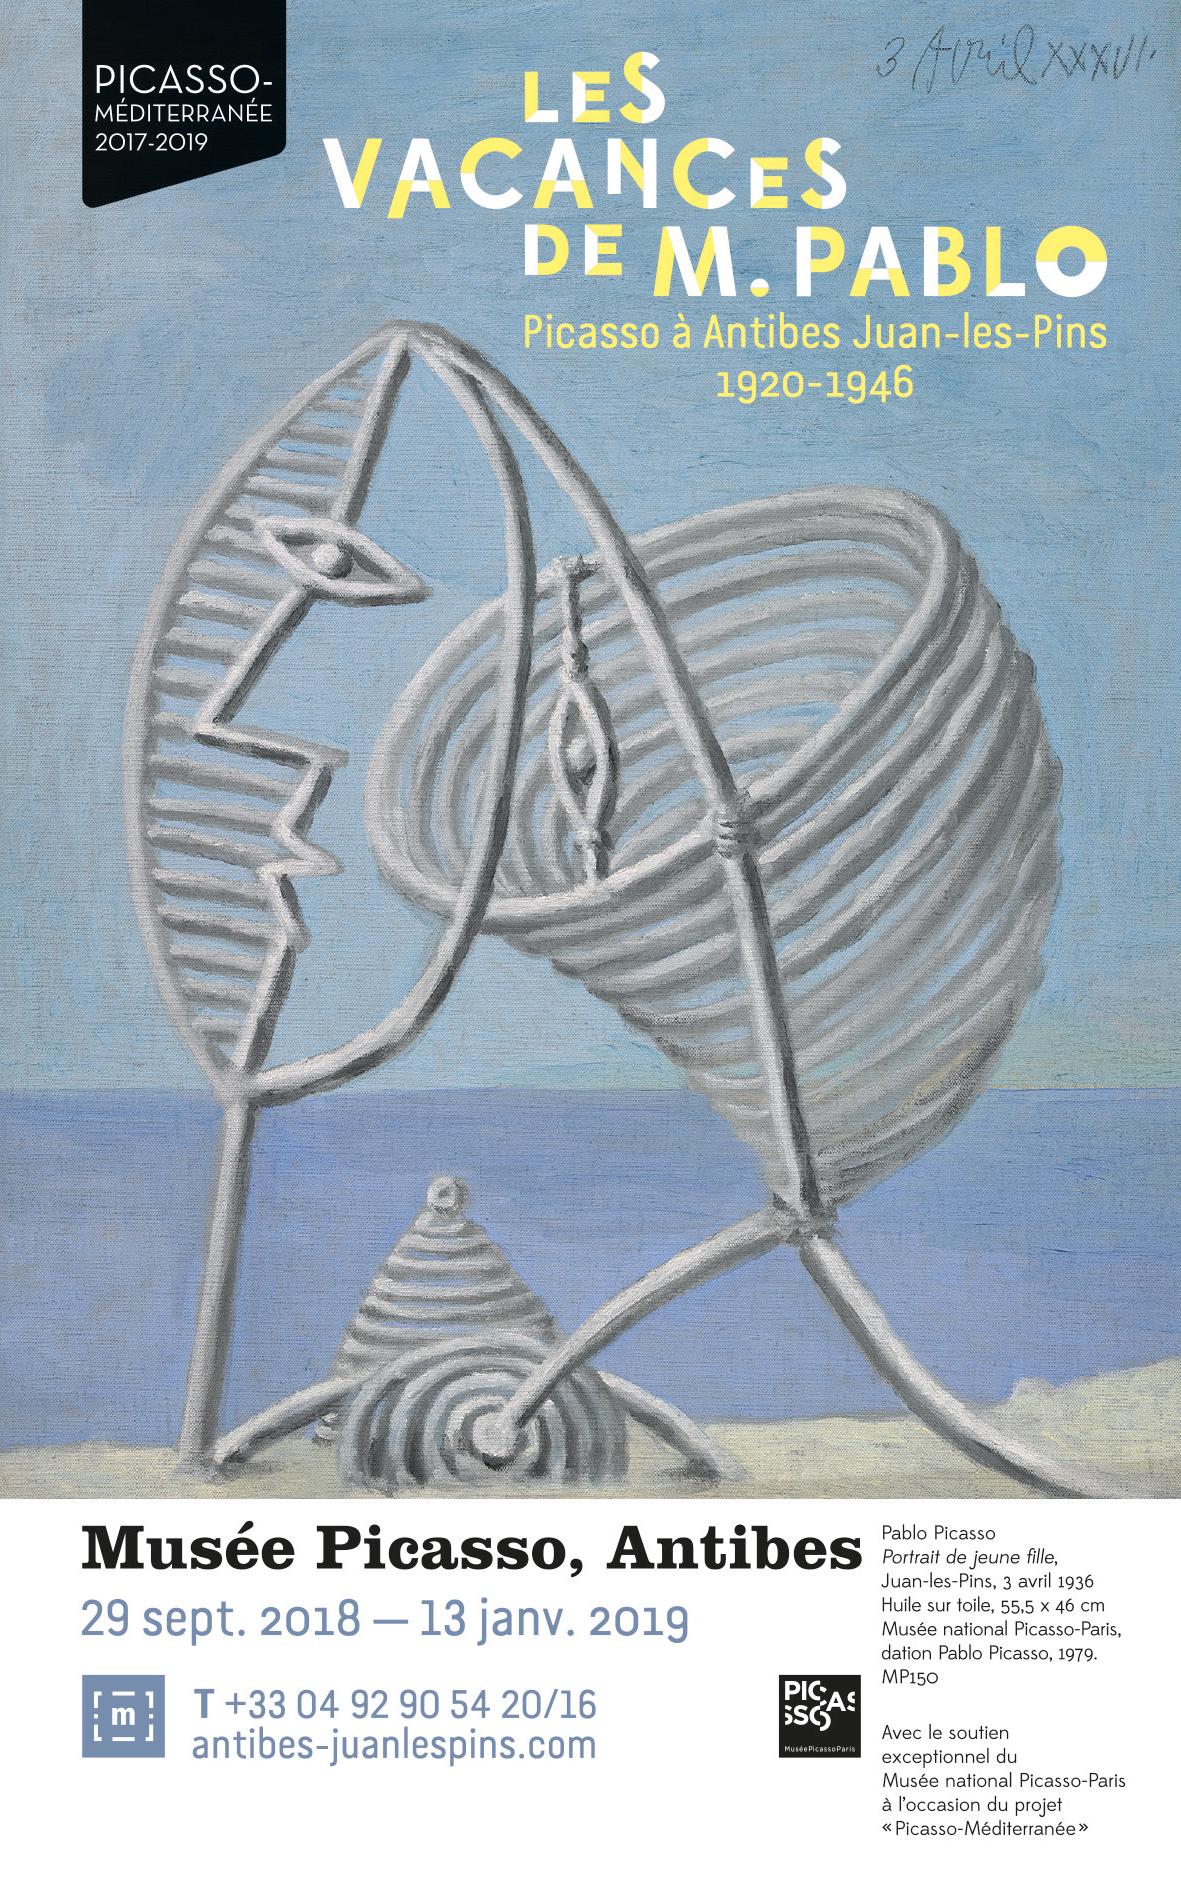 Les vacances de M. Pablo, Musee Picasso, Antibes